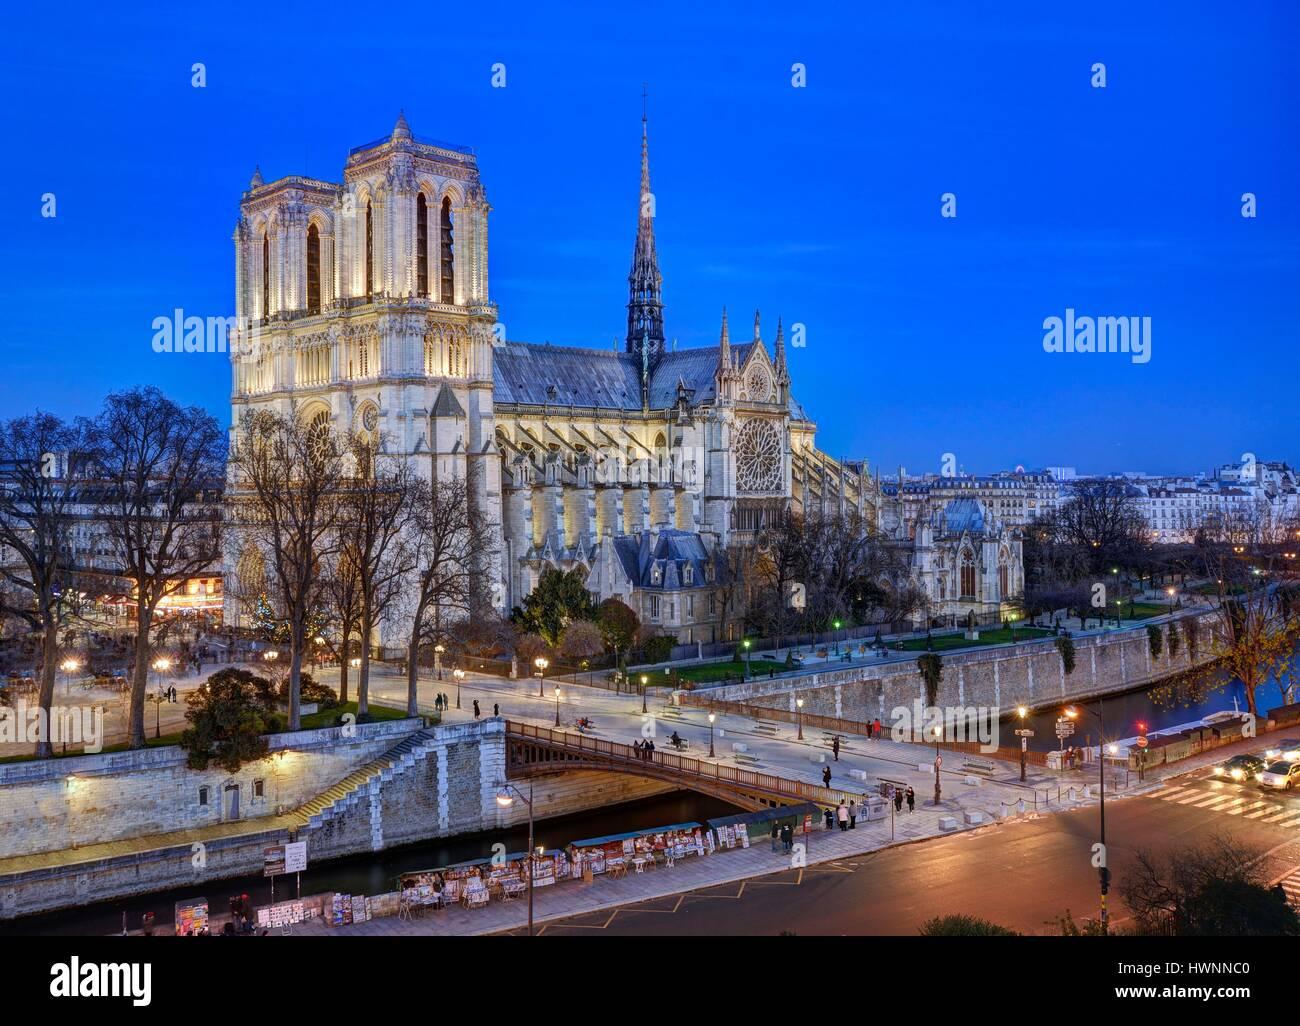 France, Paris, the banks of the Seine river listed as World Heritage by UNESCO, île de la Cité (City island) - Stock Image